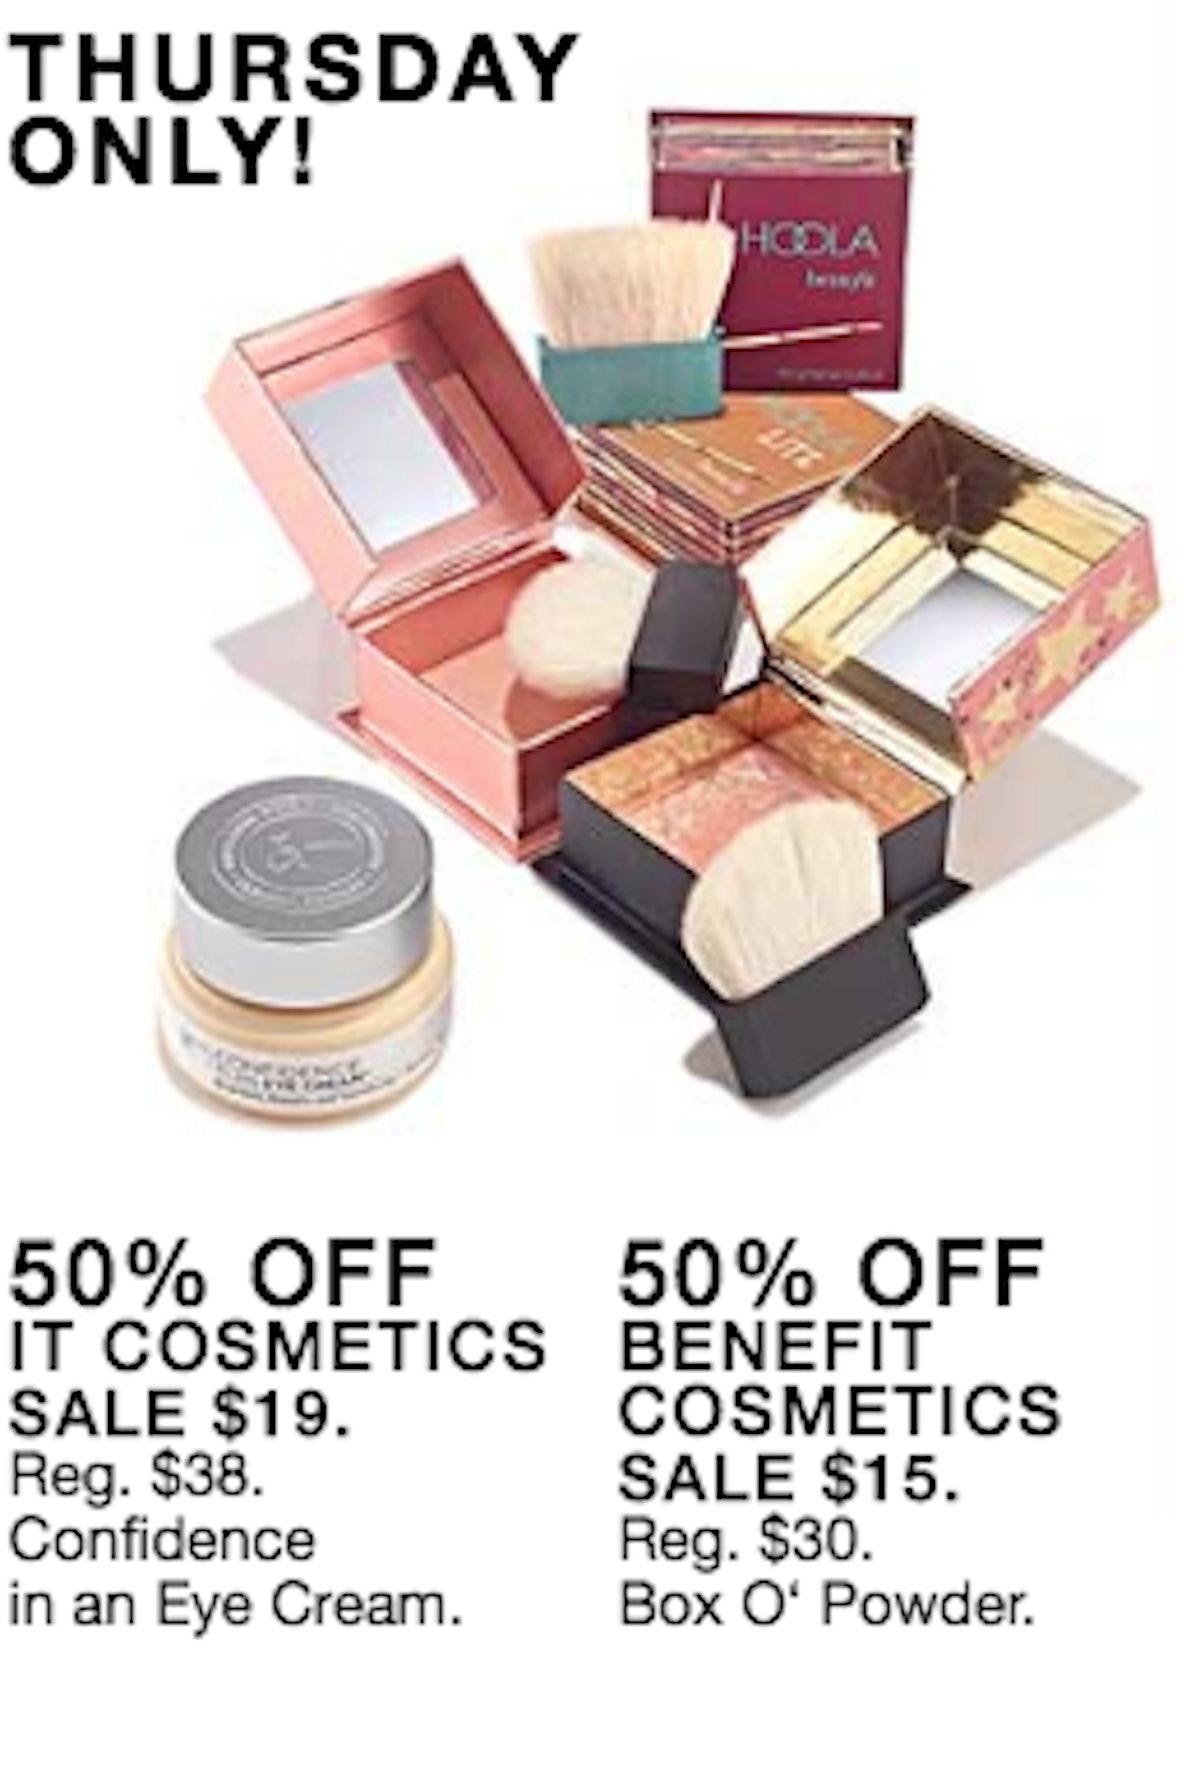 IT Cosmetics & Benefit Cosmetics